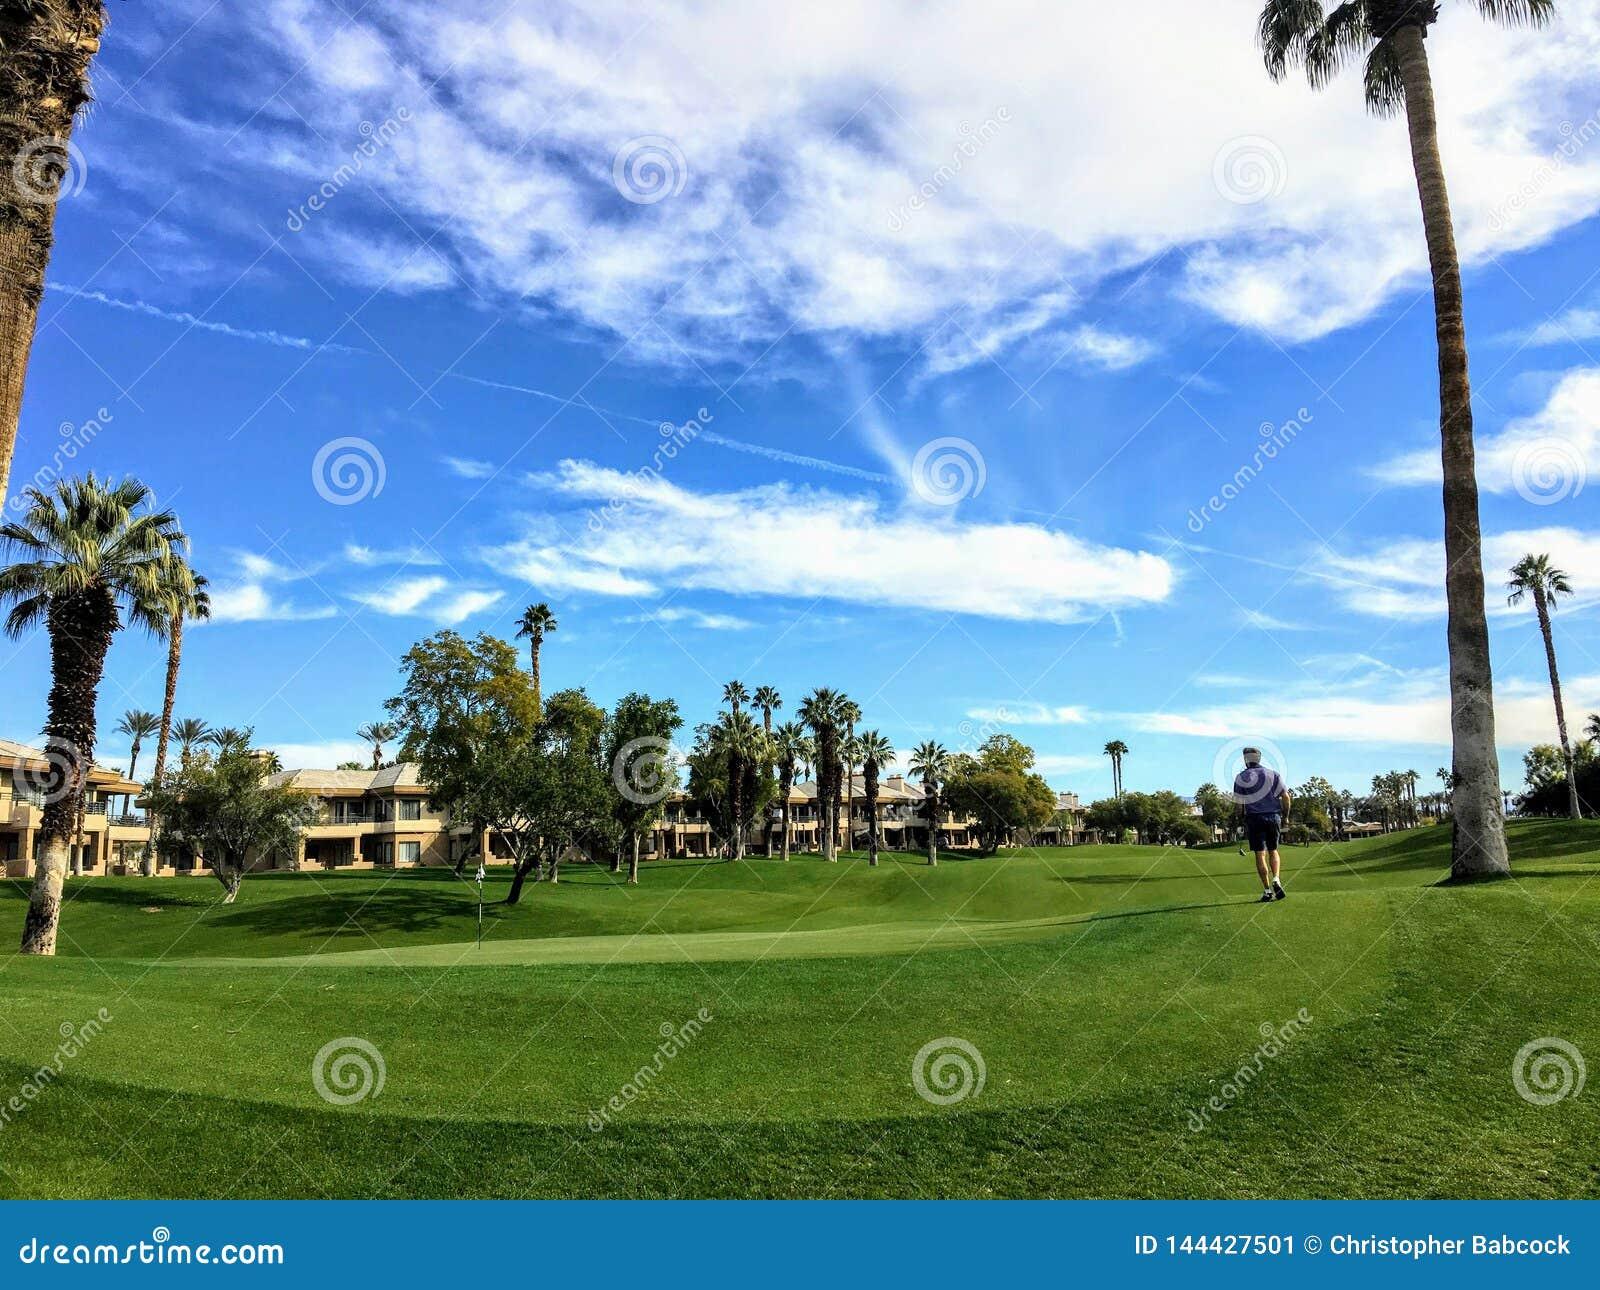 Ciekawy widok golfisty odprowadzenie w kierunku zieleni otaczającej bardzo wysokimi drzewkami palmowymi w tle na pustyni